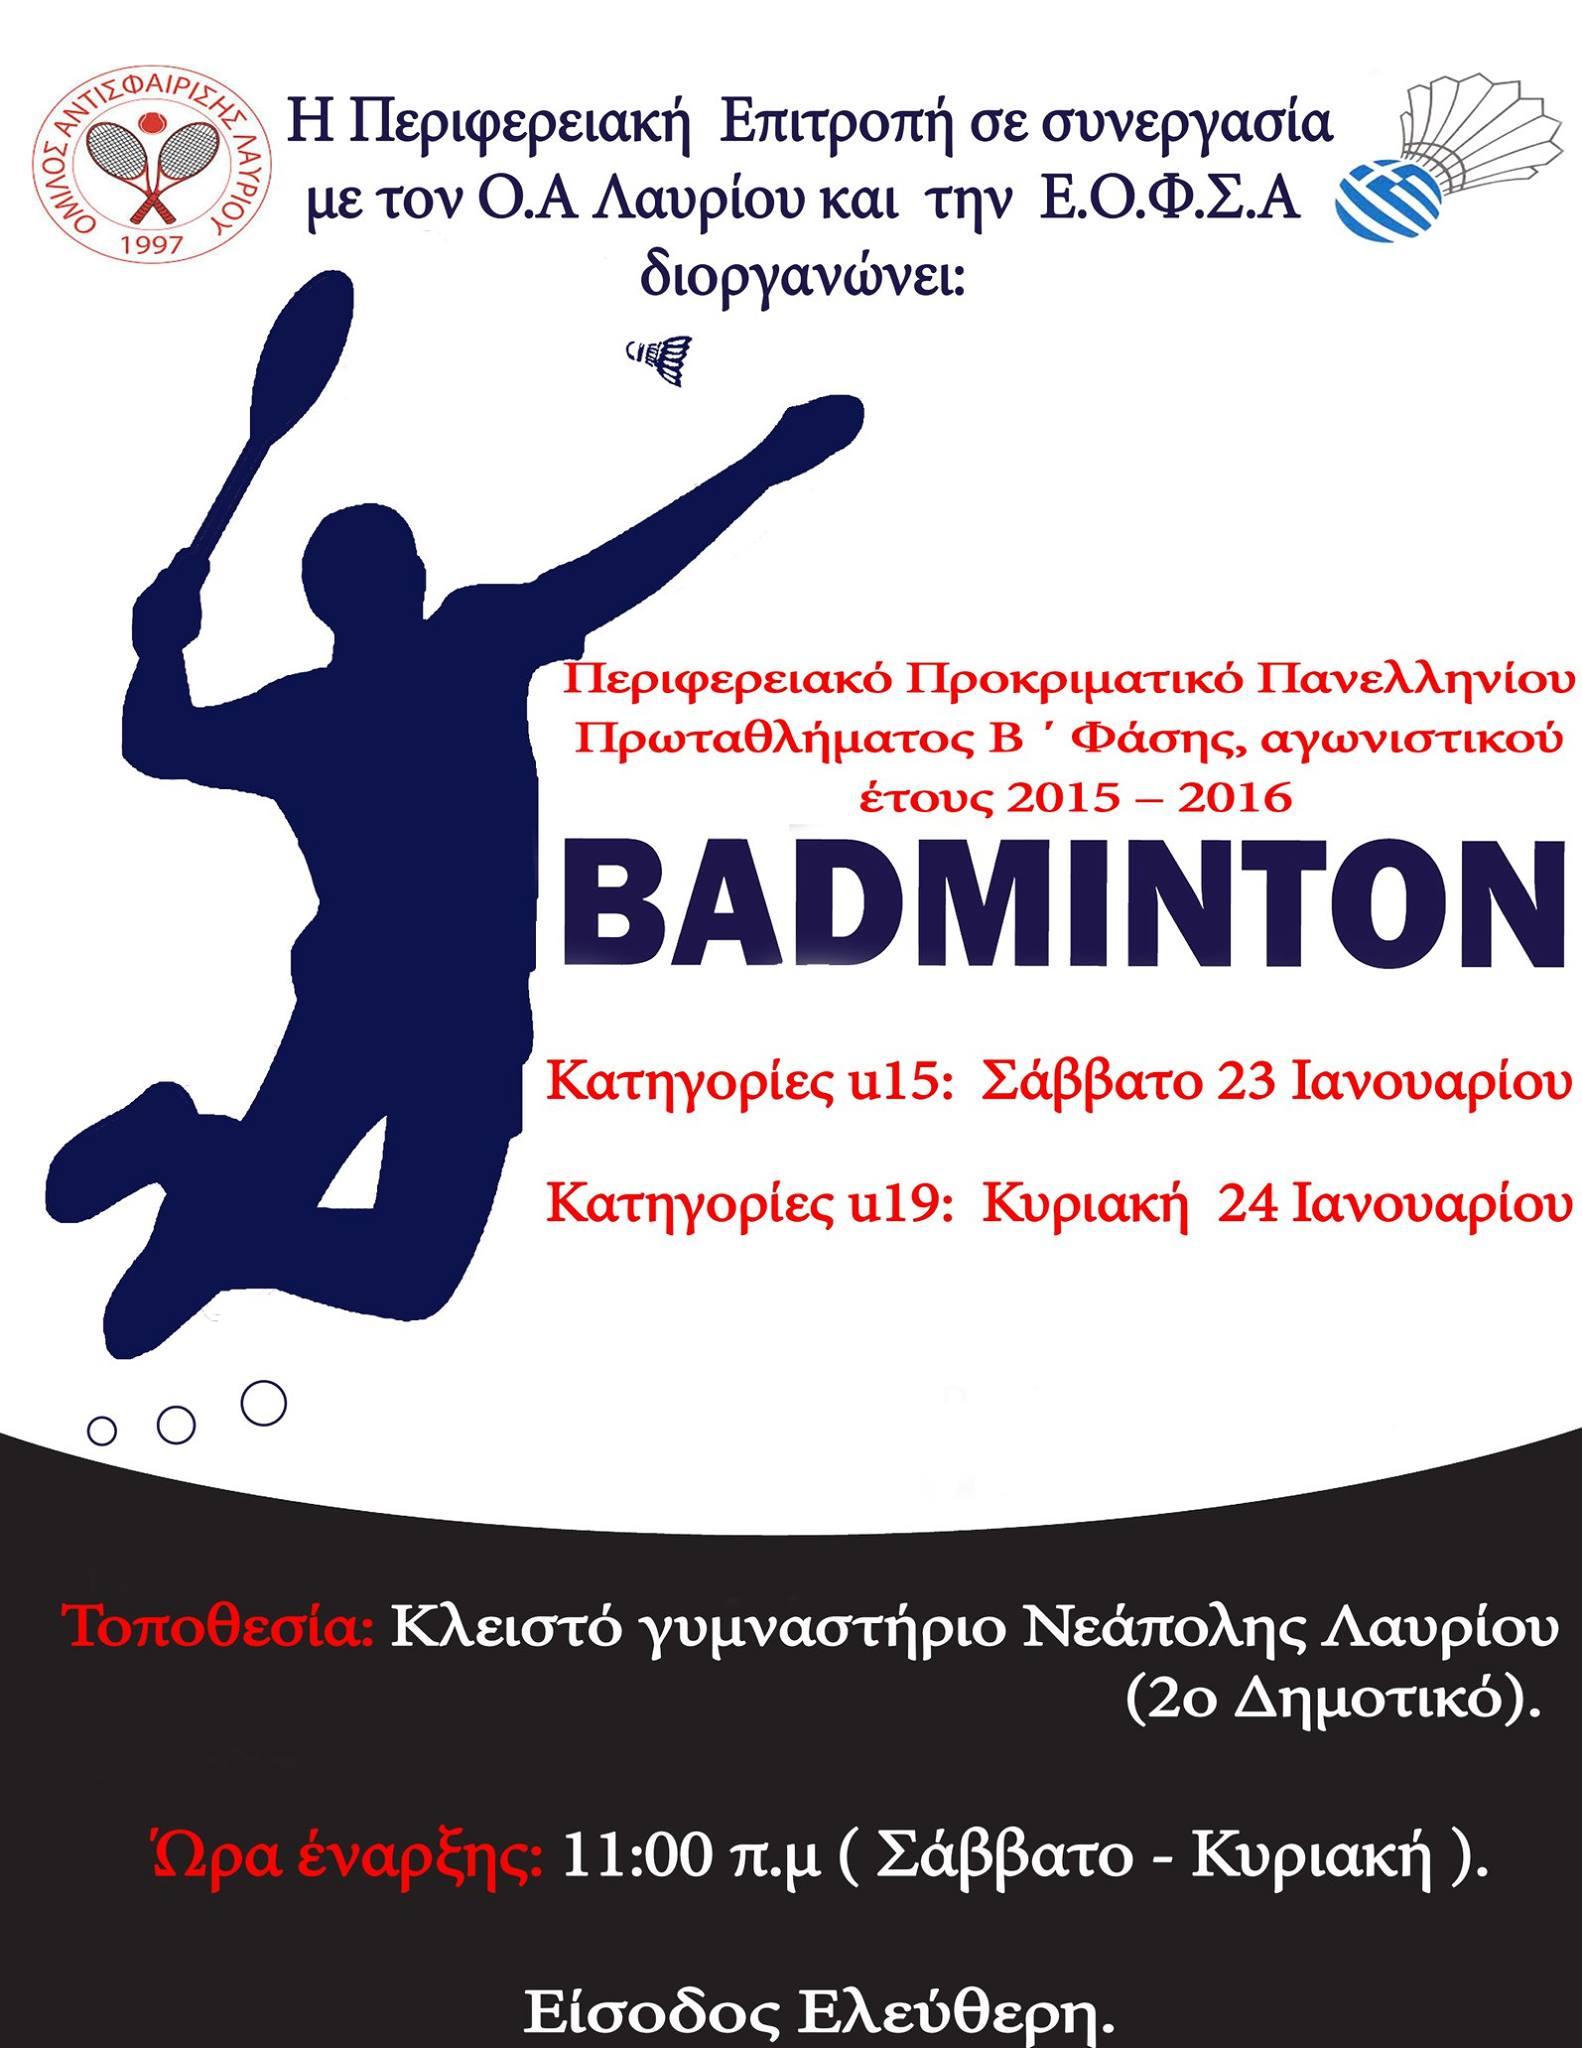 Β΄Φάση Πανελλήνιου Πρωταθλήματος Badminton